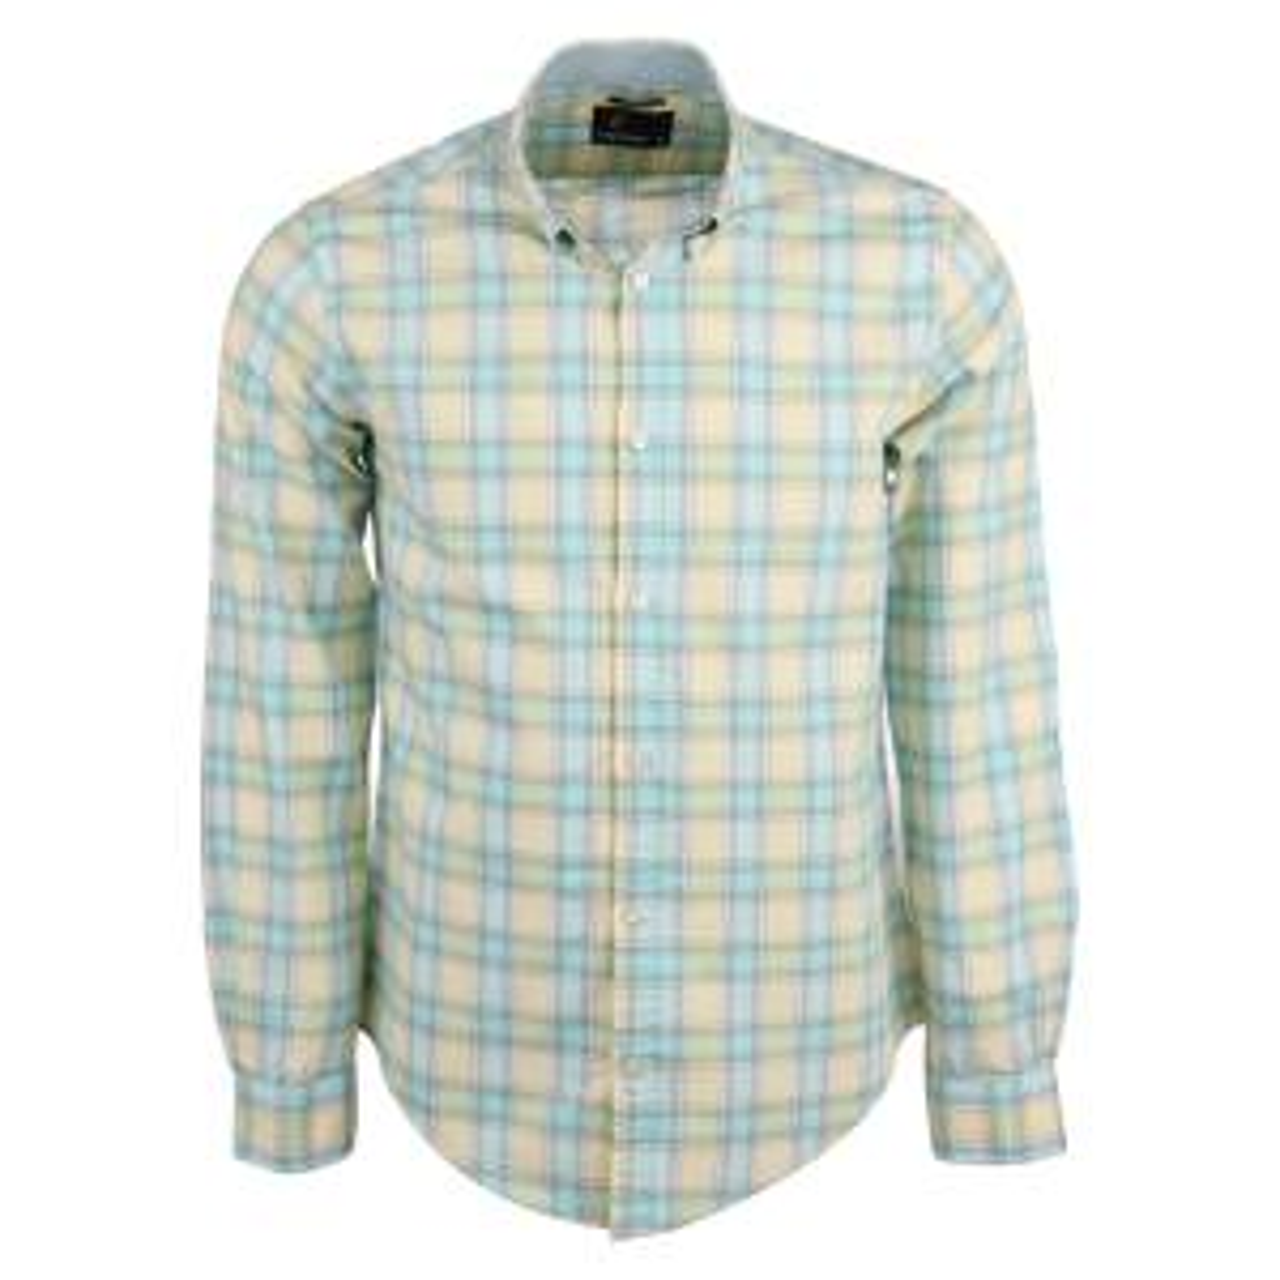 پیراهن نخی آستین بلند مردانه  کاپریکورن مدل 1